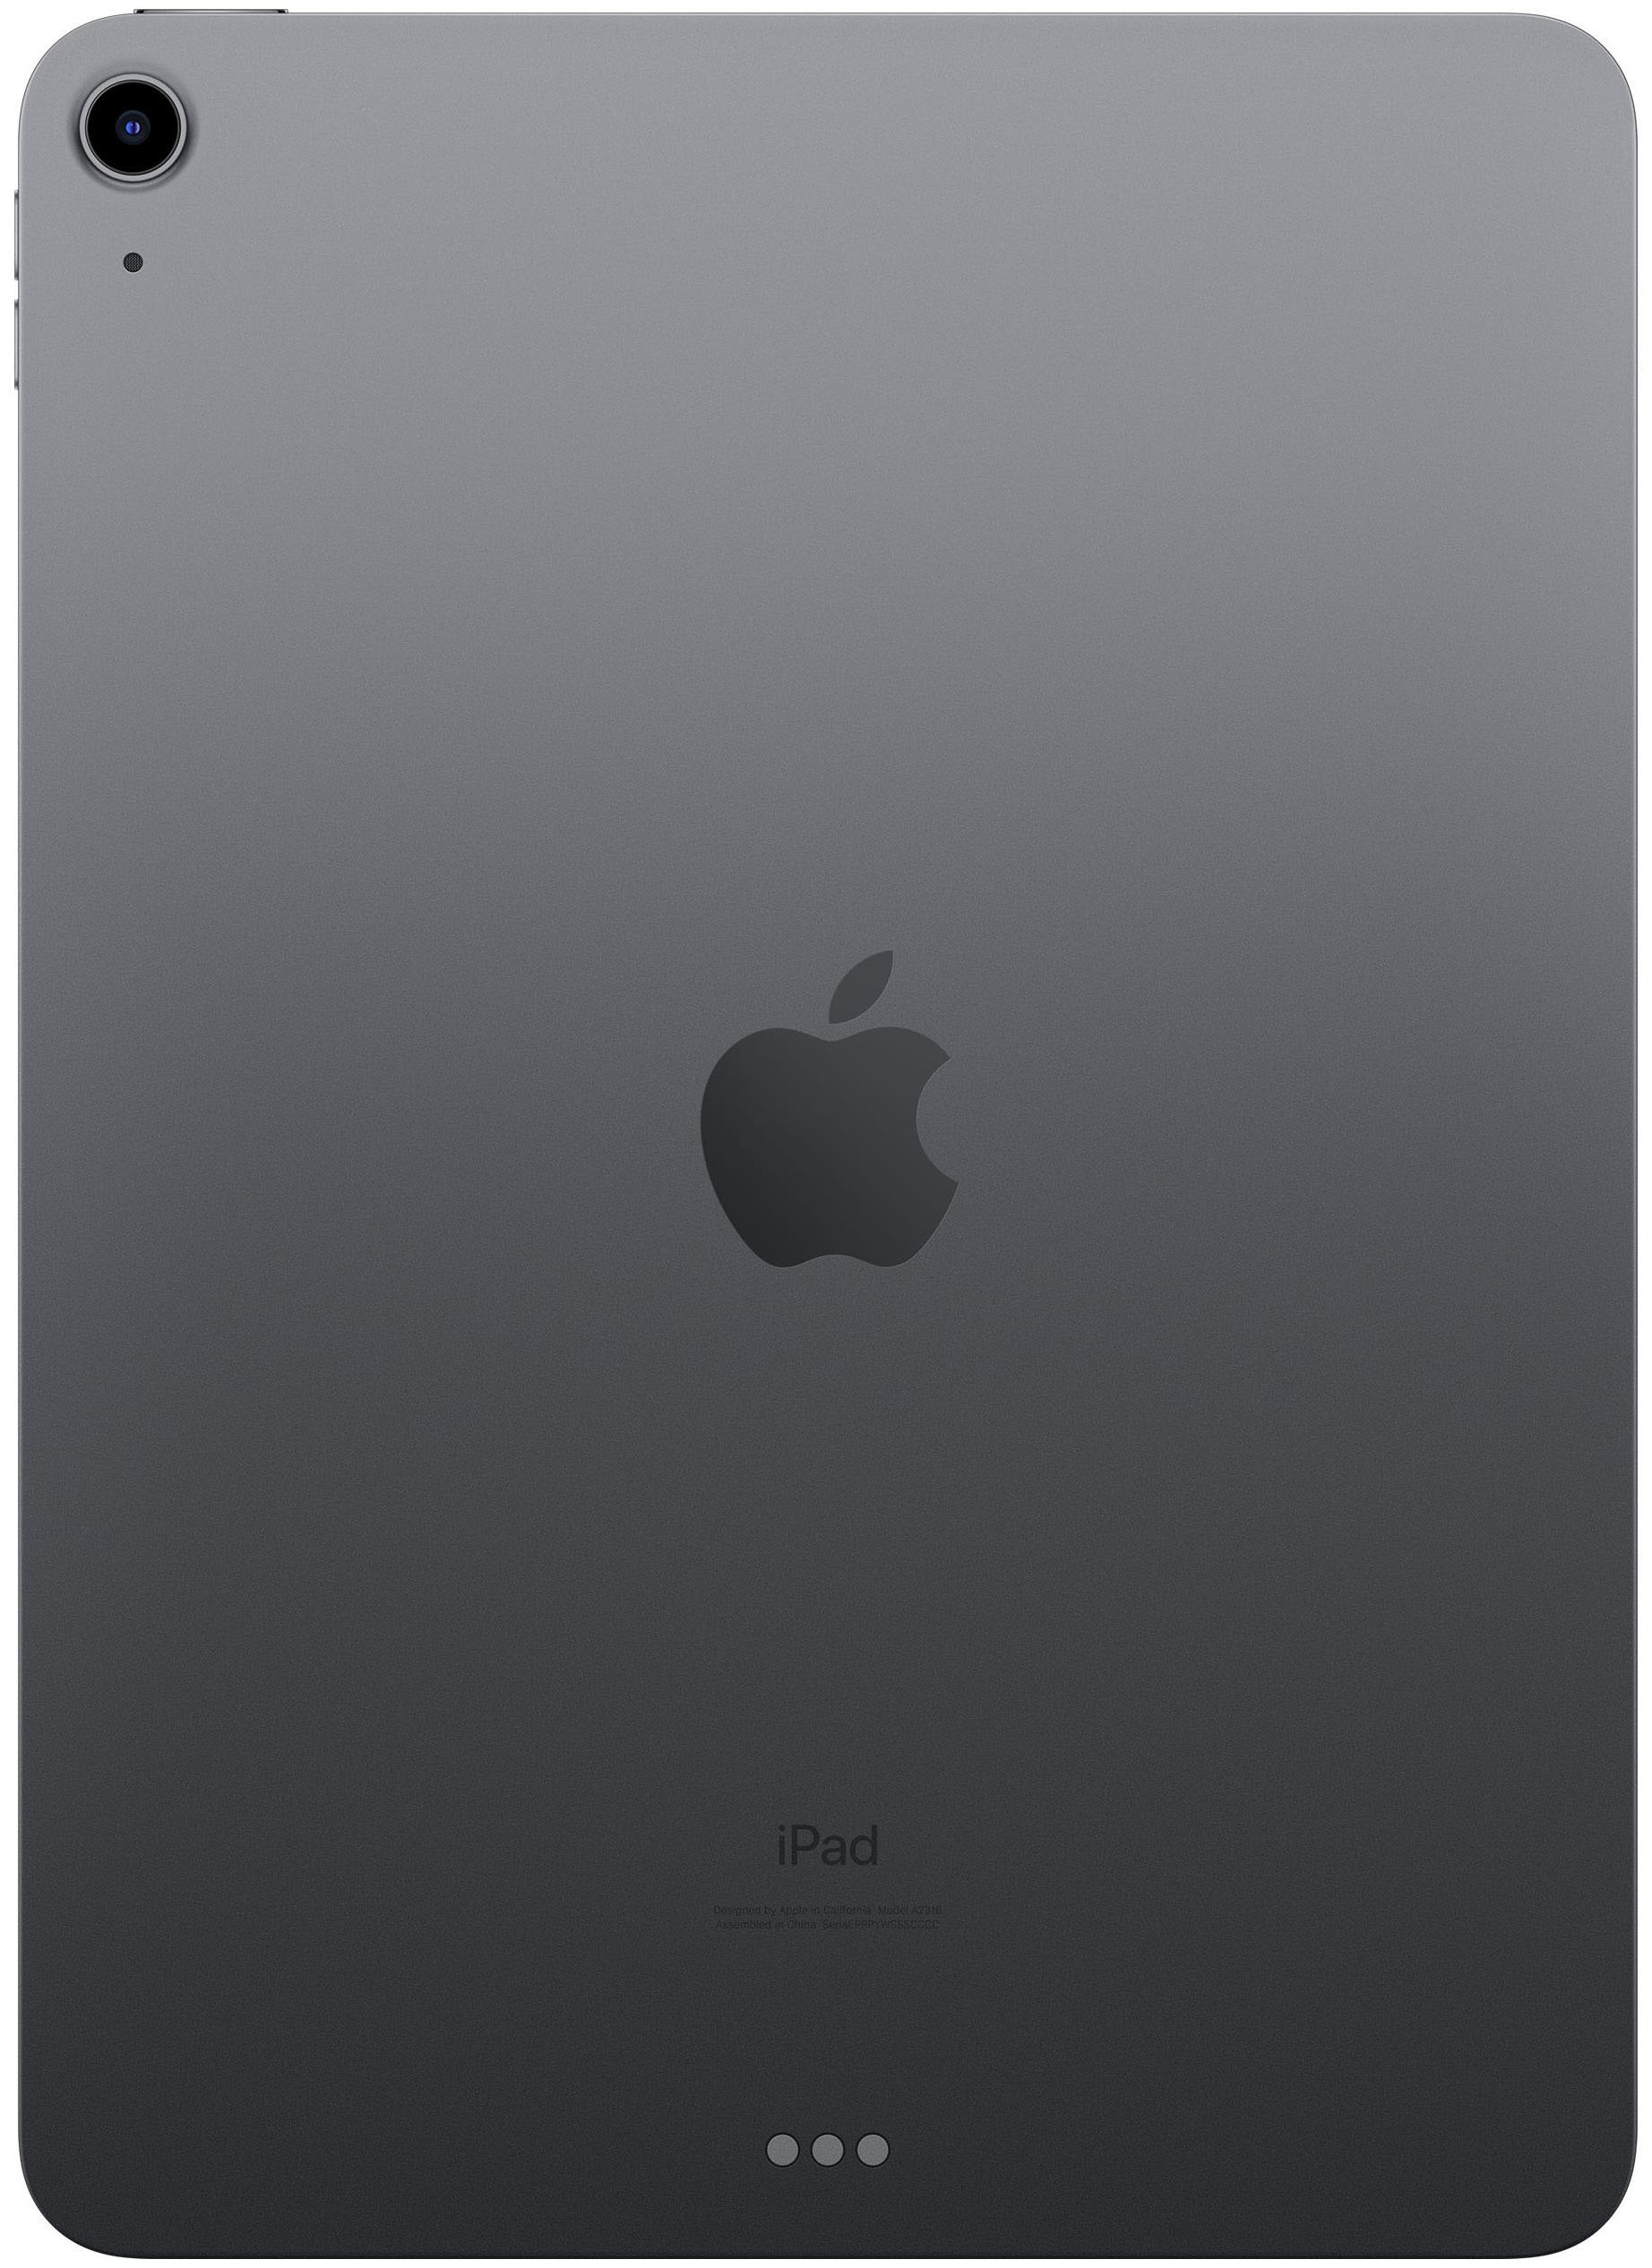 Apple iPad Air 2020 64Gb Wi-Fi - встроенная память: 64ГБ